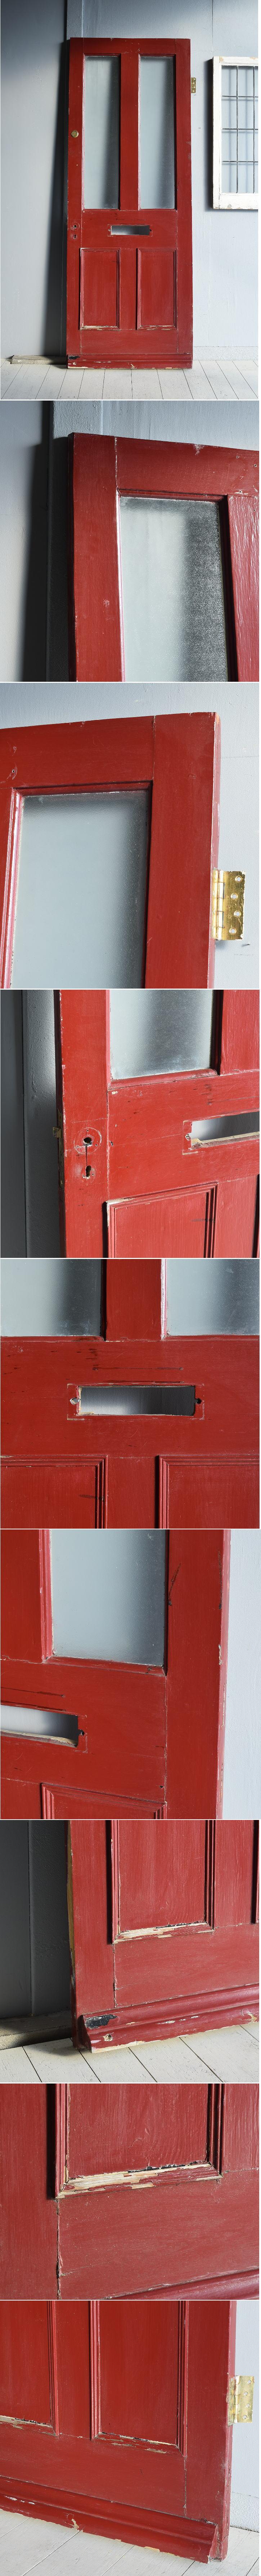 イギリス アンティーク ガラス ドア 扉 ディスプレイ 建具 7750